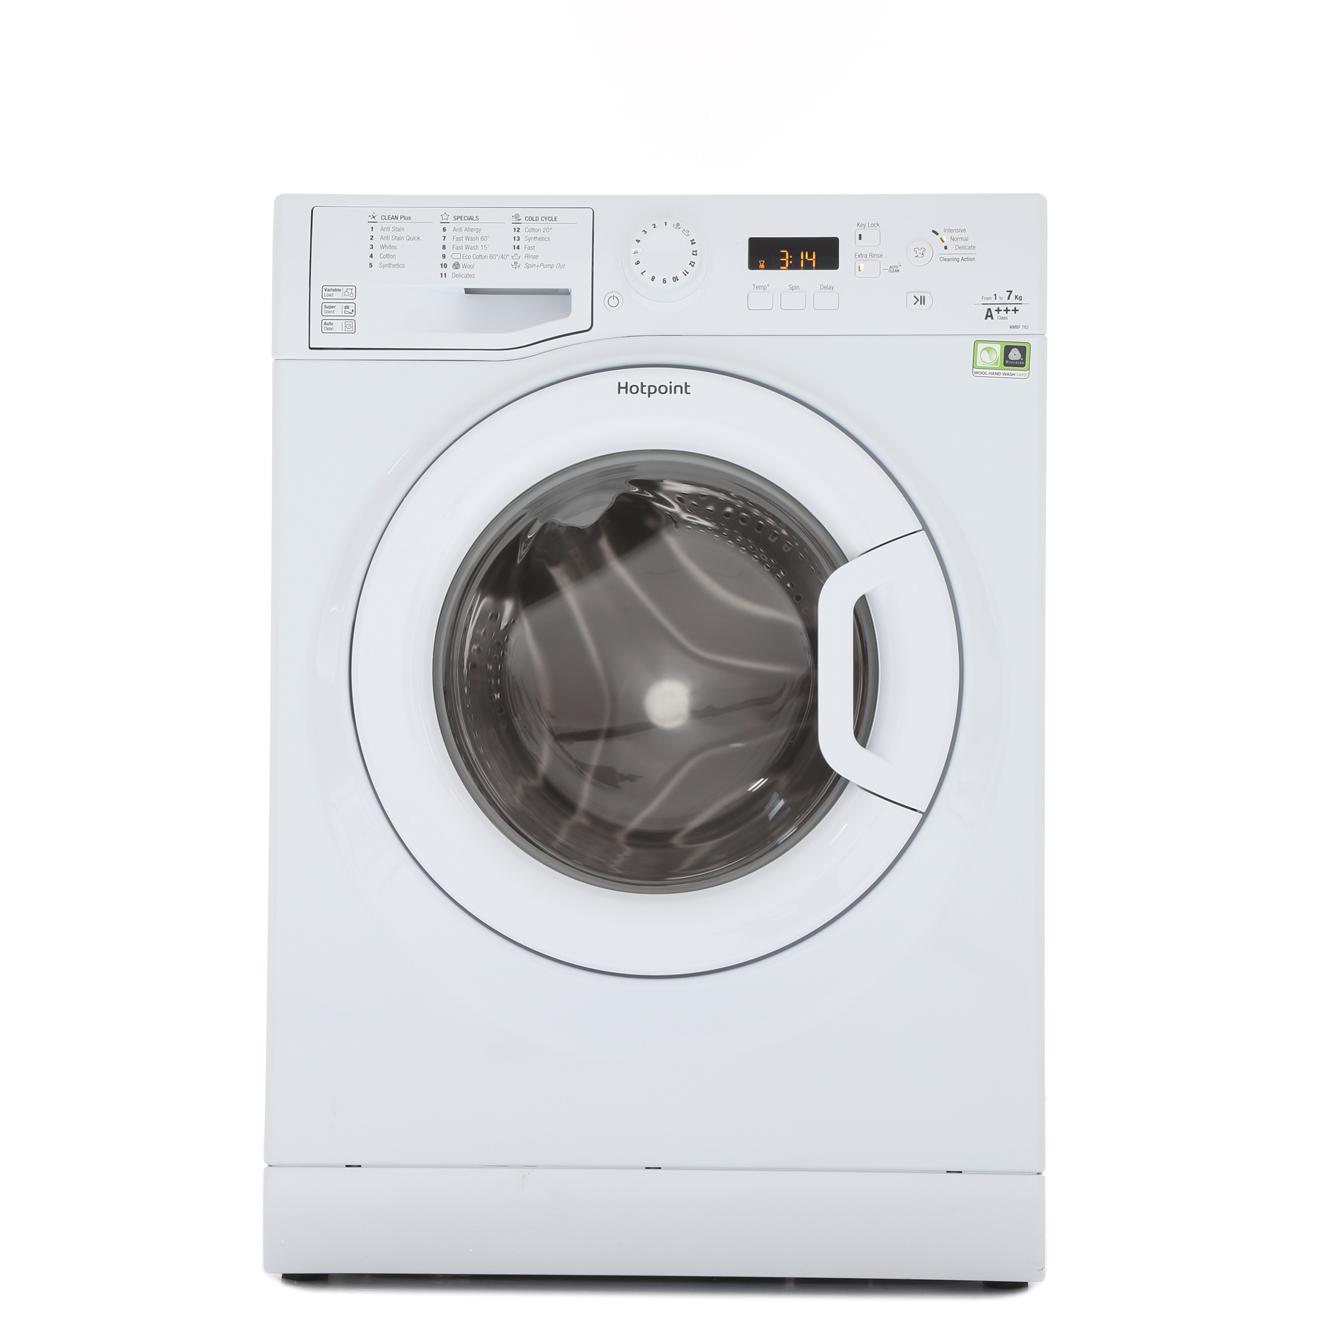 Buy Hotpoint Wmbf763p Washing Machine White Marks